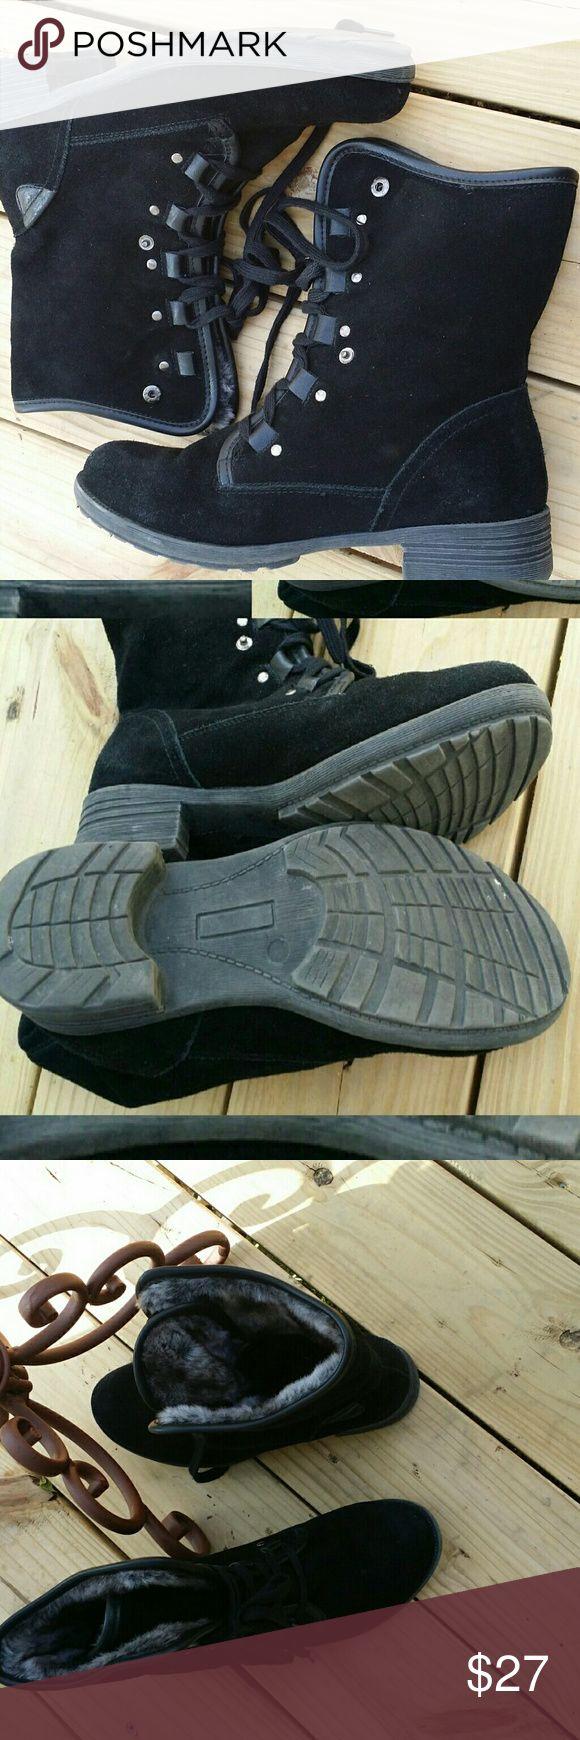 FLASH SALE 🚨 Aldo boots Aldo black lace up mid-cal boots. Size 9 Aldo Shoes Lace Up Boots